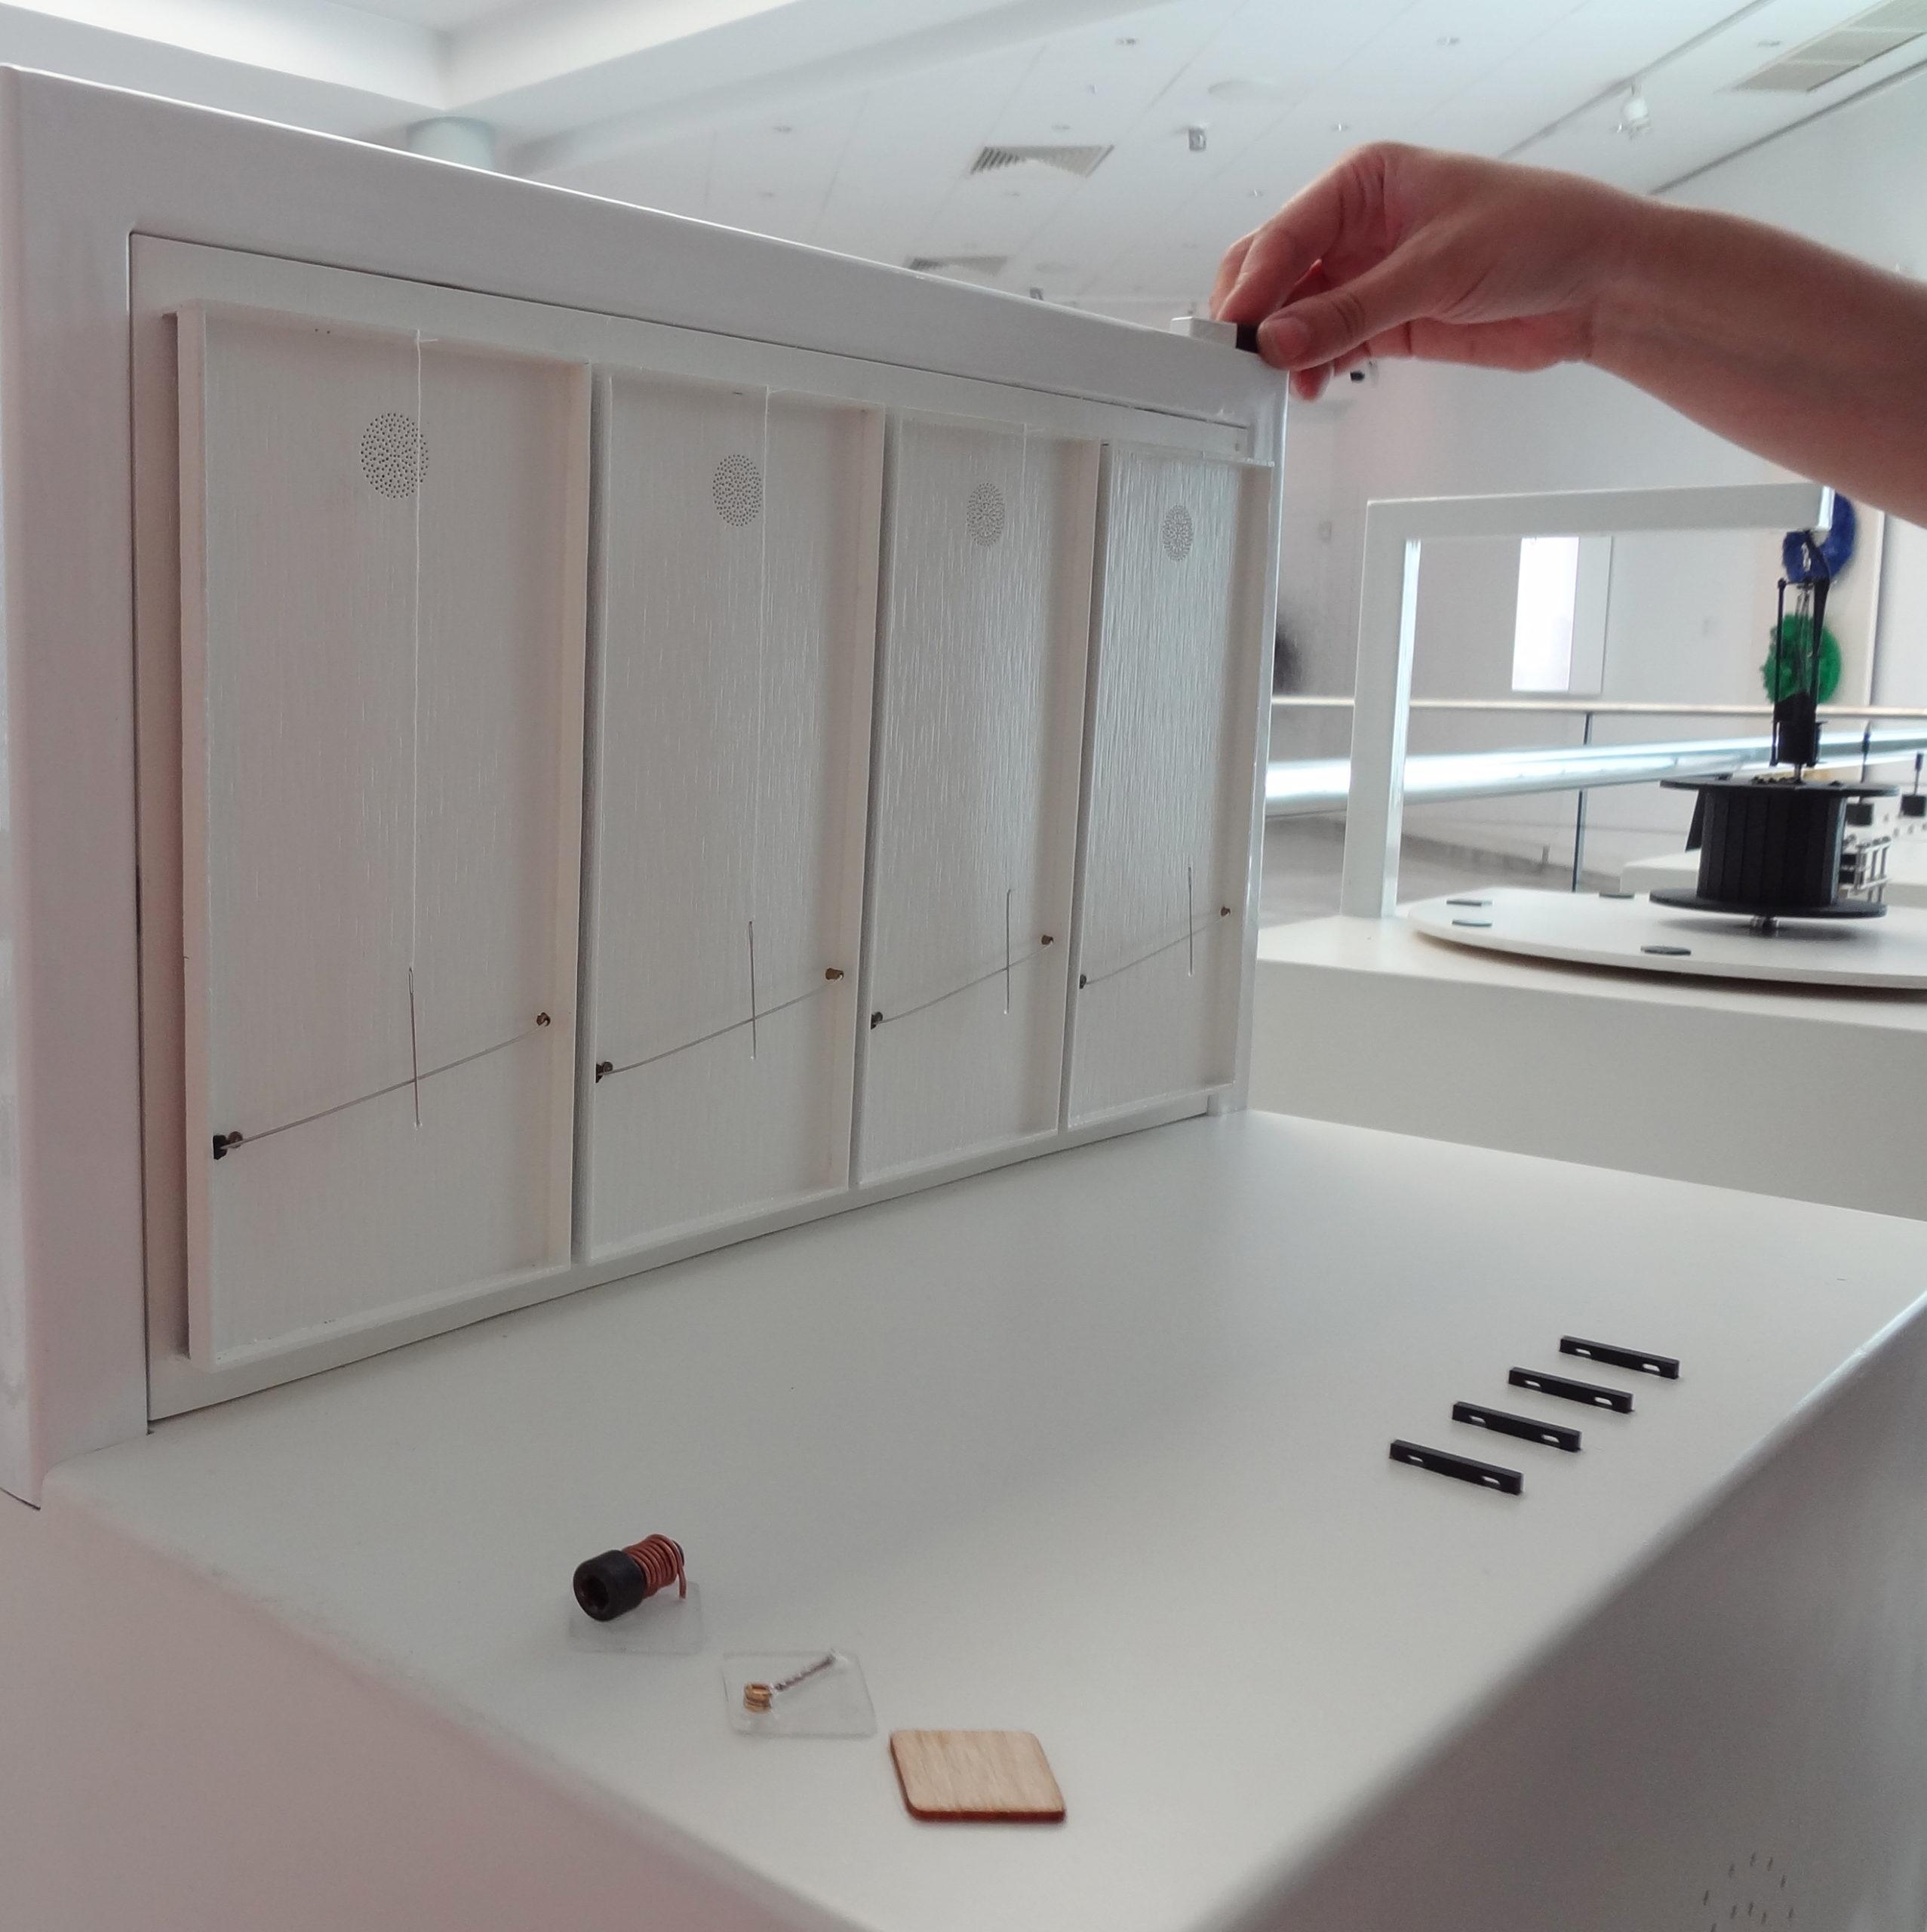 Λεπτομέρεια από το μουσειοπαιδαγωγικό κουτί που δείχνει το απτικό βοήθημα, και ένα χέρι που πιάνει το μαγνήτη που βρίσκεται τοποθετημένος στο μεταλλικό πλαίσιο που στηρίζει το απτικό βοήθημα. Με το μαγνήτη αυτό κάποιος ενεργοποιεί τους μαγνητικούς διακόπρες που θέτουν σε κίνηση τις βελόνες του έργου.